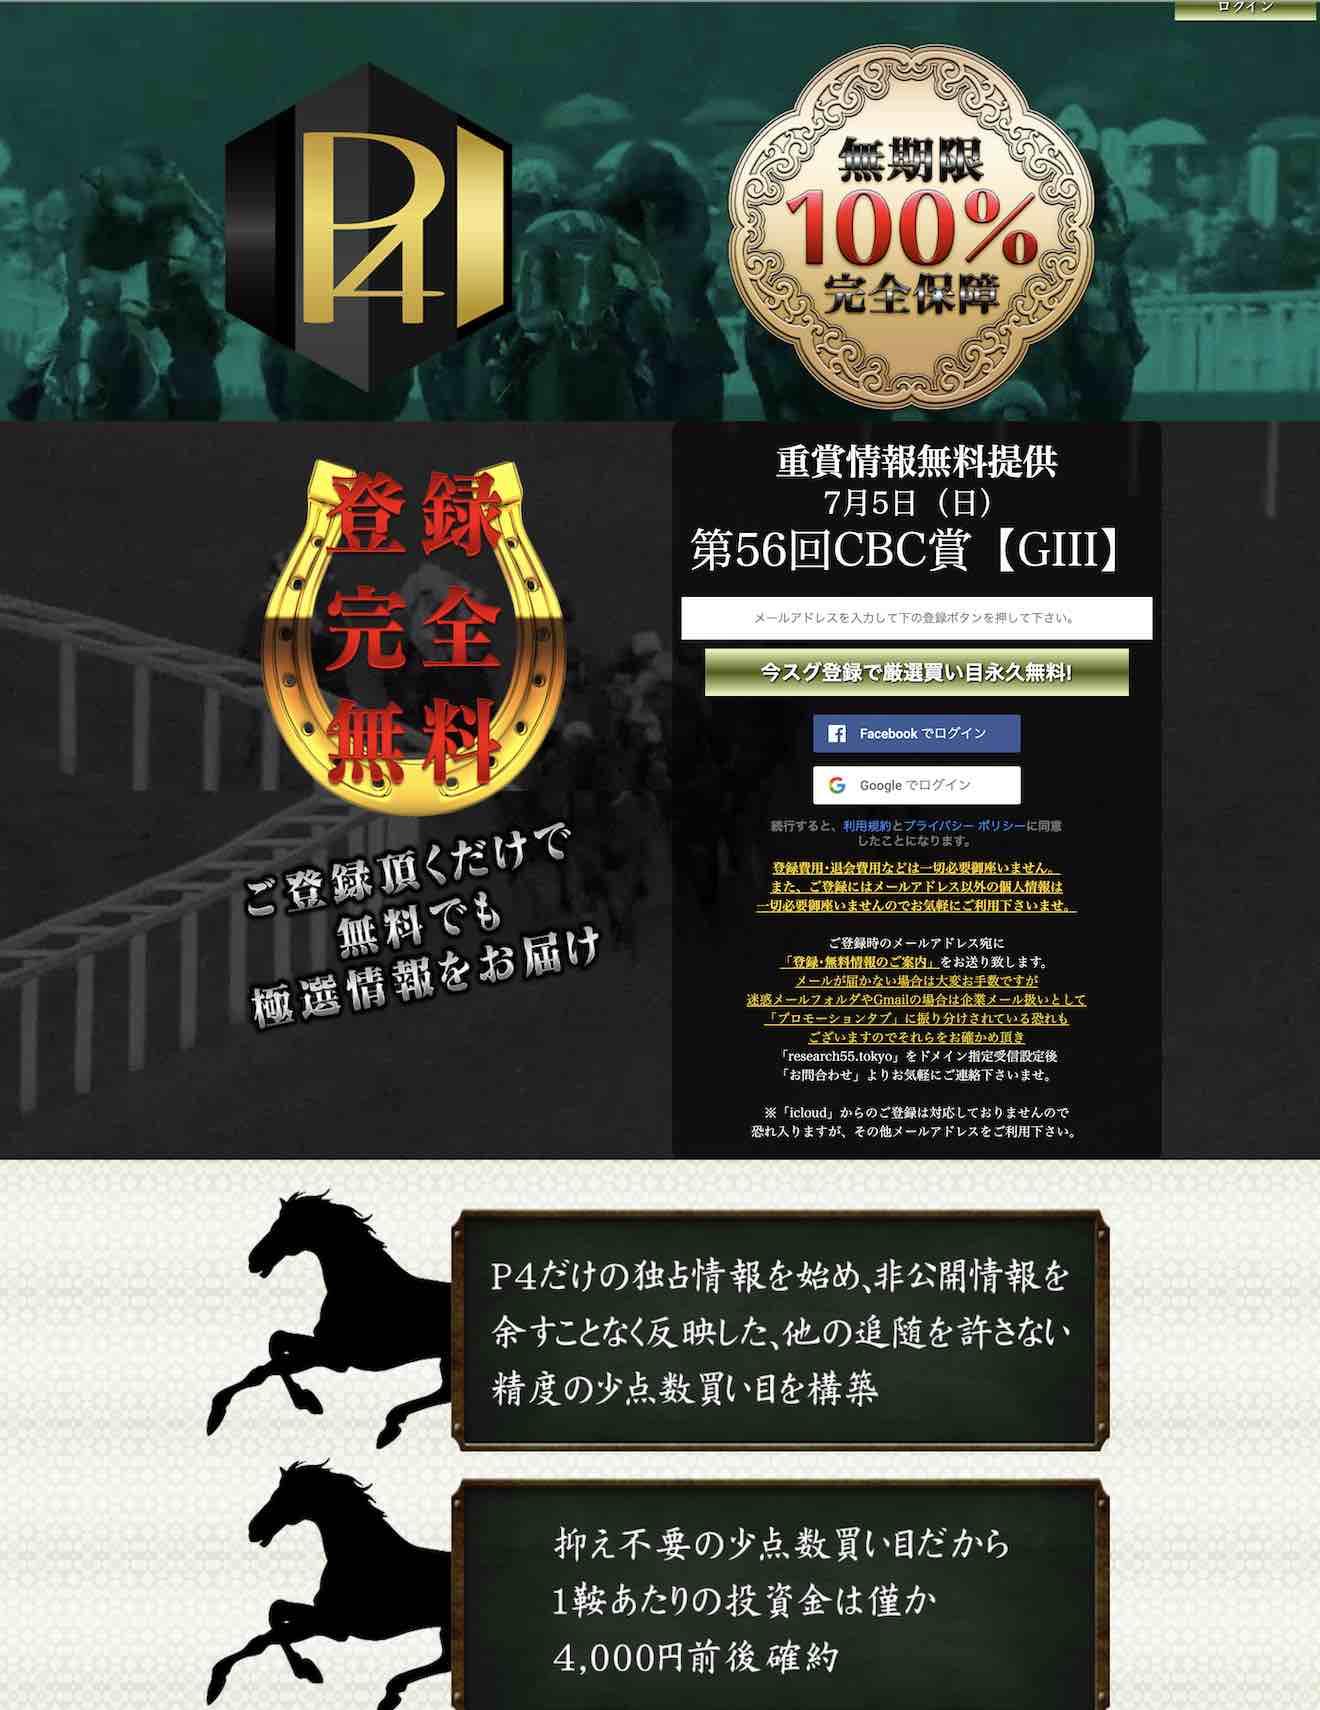 P4という競馬予想サイトの登録前ページ